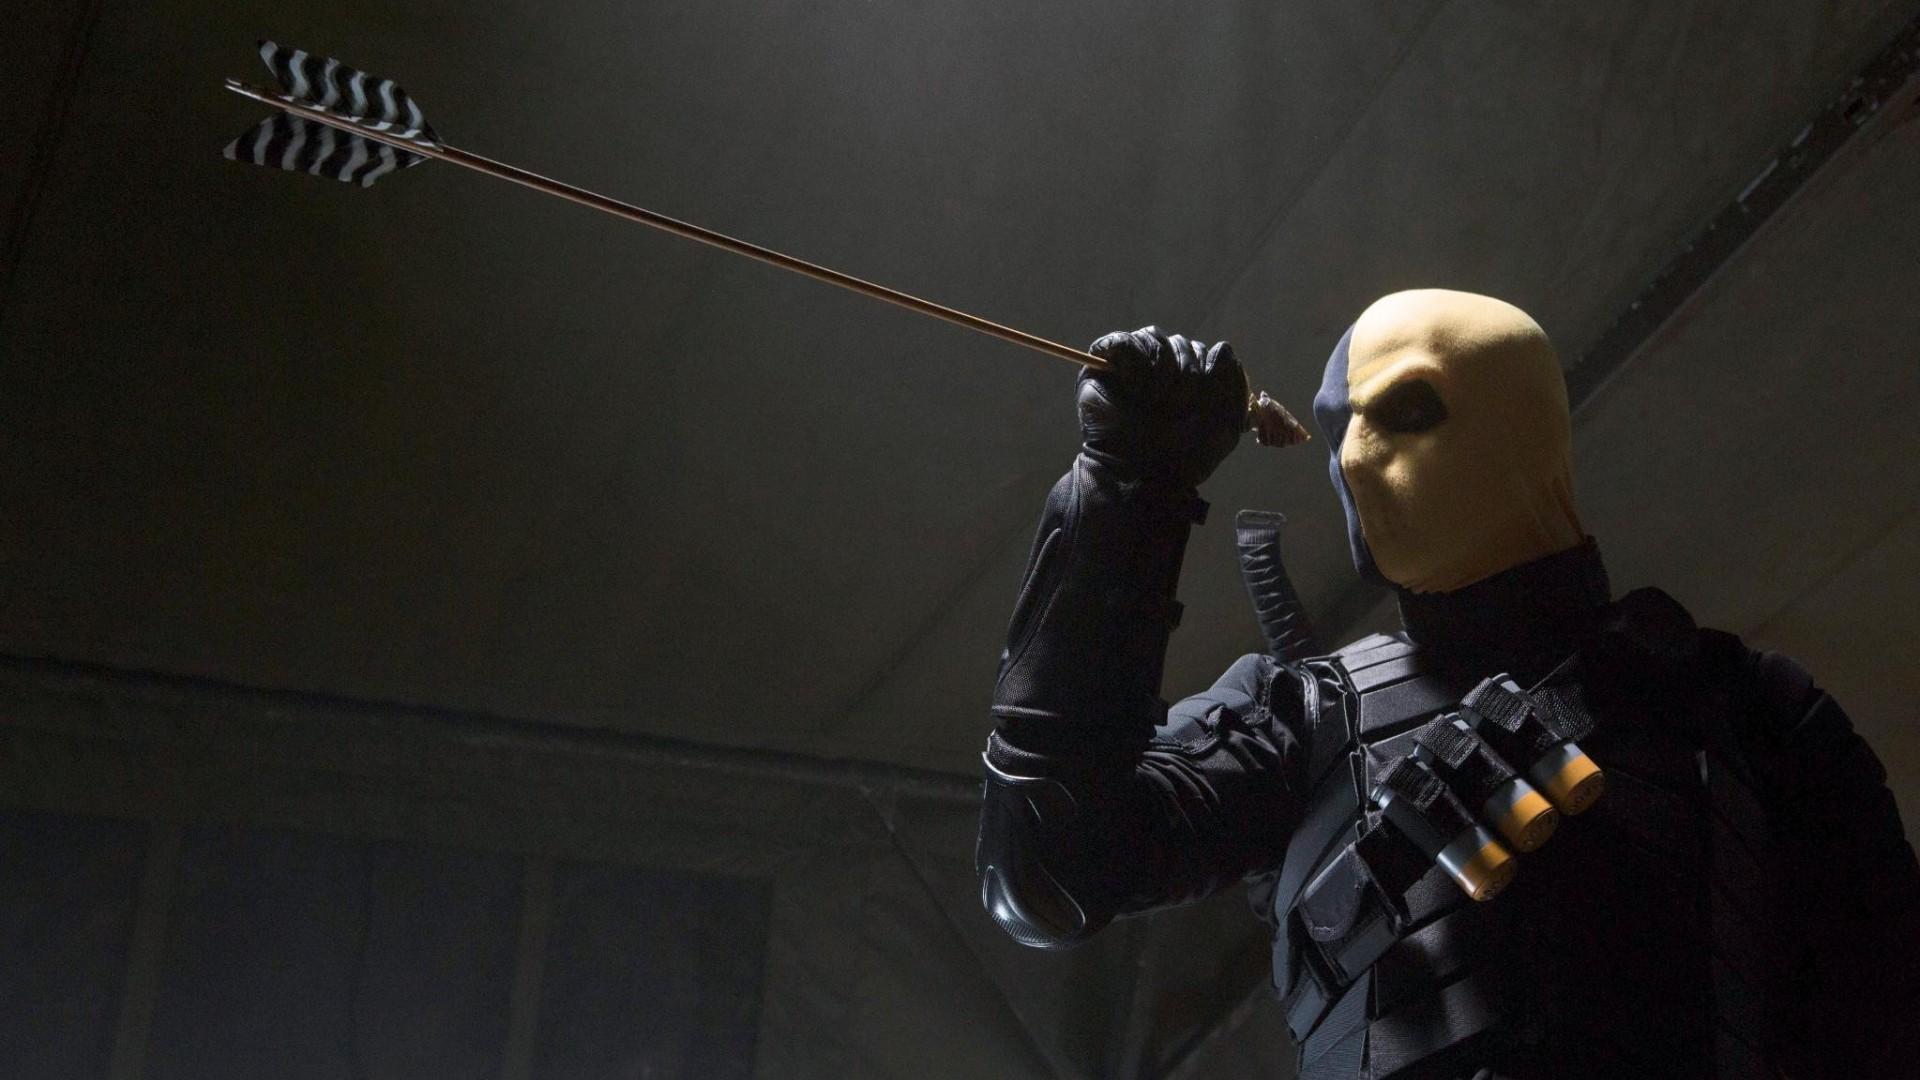 Wallpaper Archery Arrow Deathstroke Slade Wilson